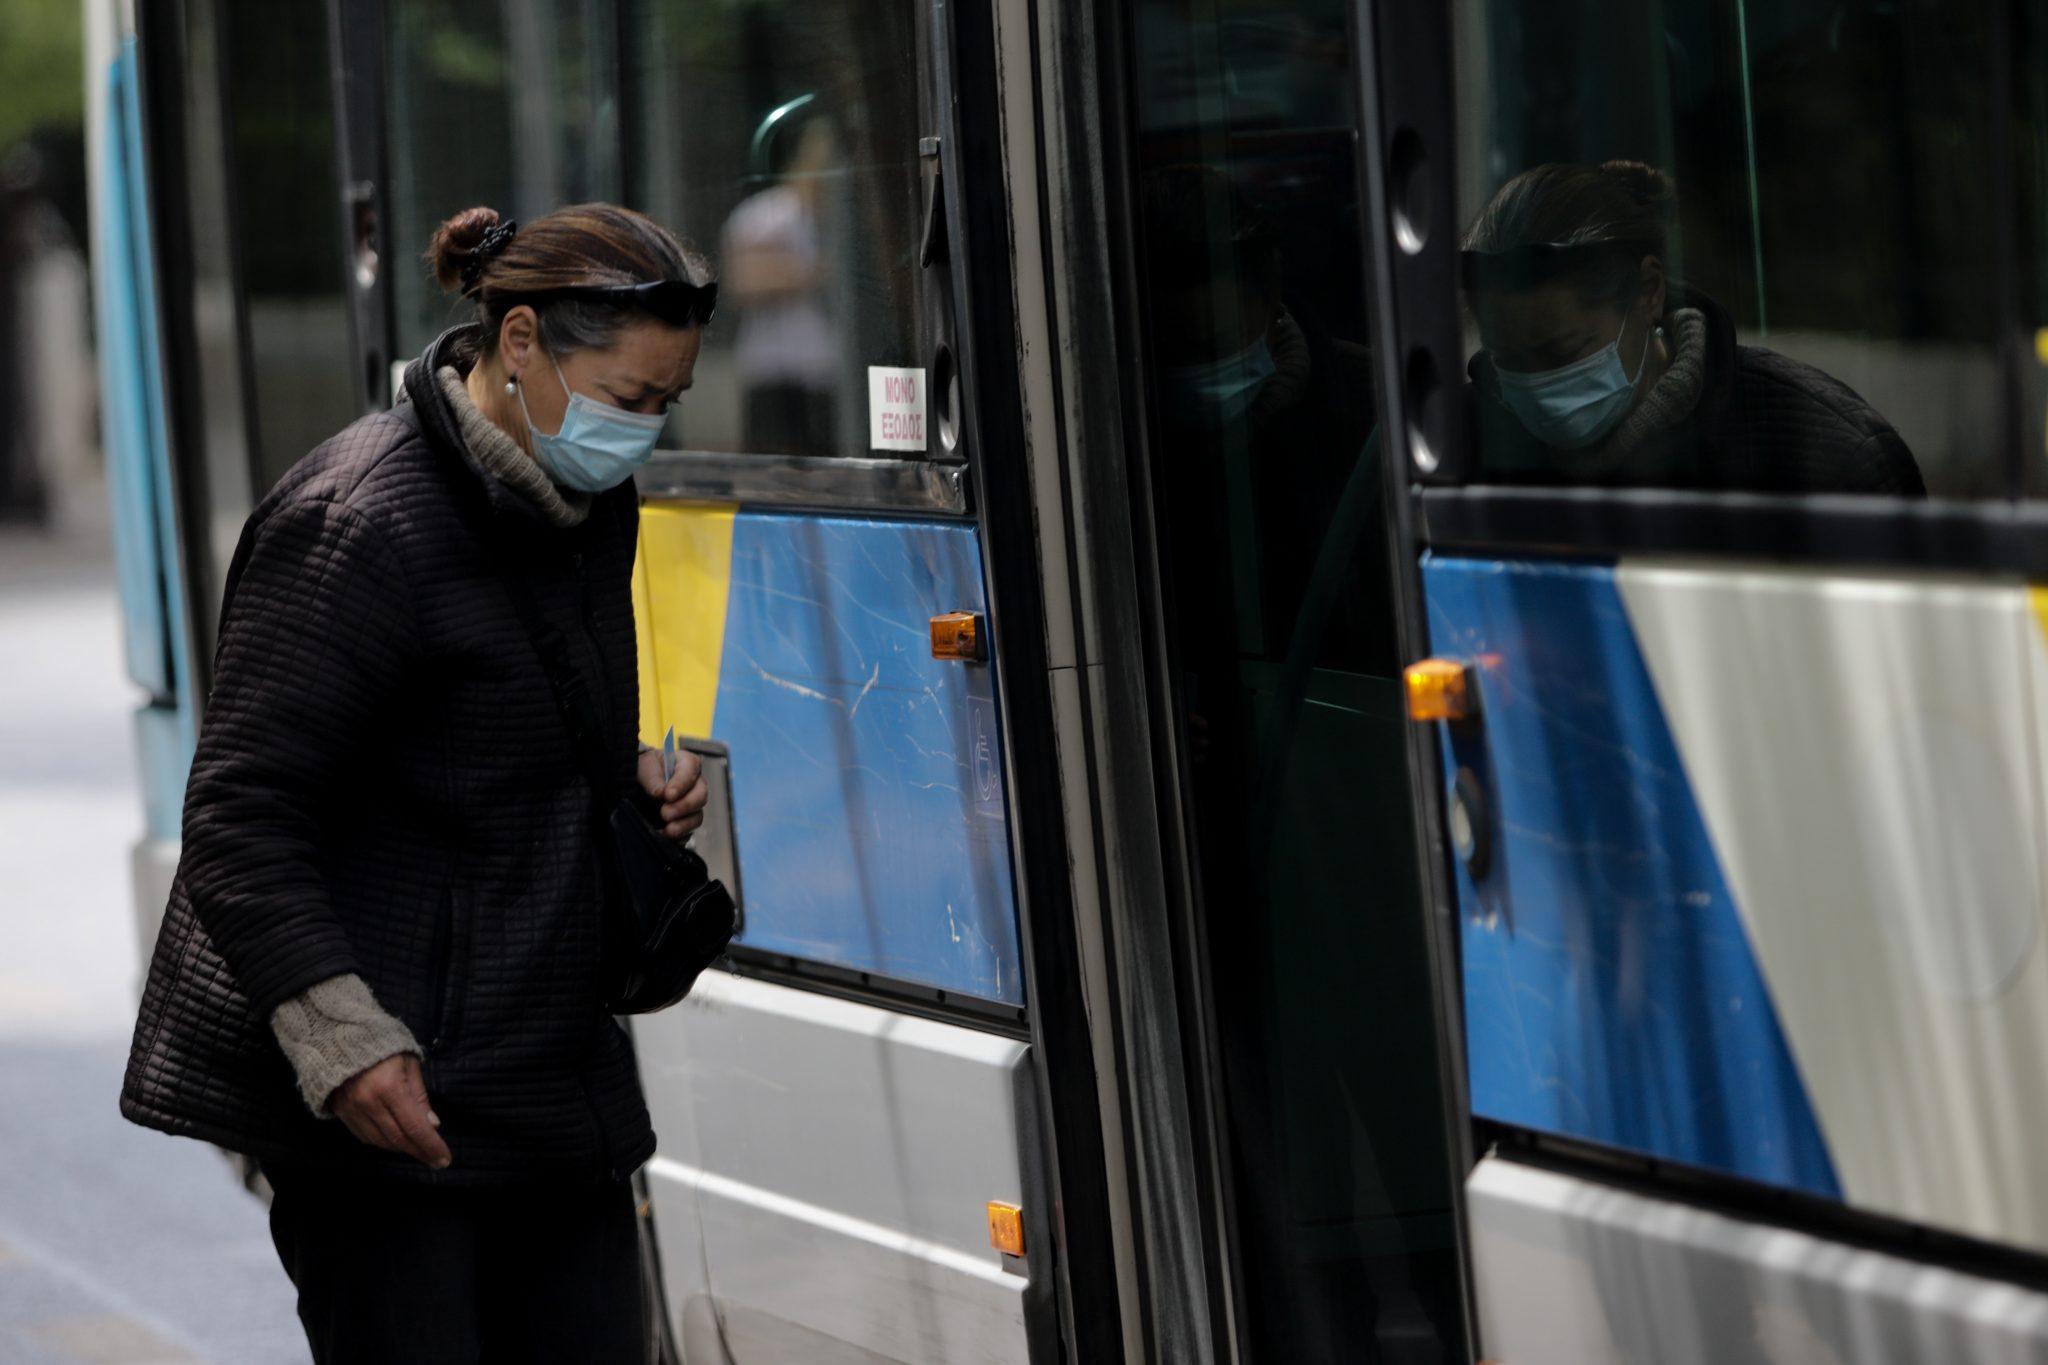 Χαρδαλιάς: Πρόστιμο 150 ευρώ για μη χρήση μάσκας